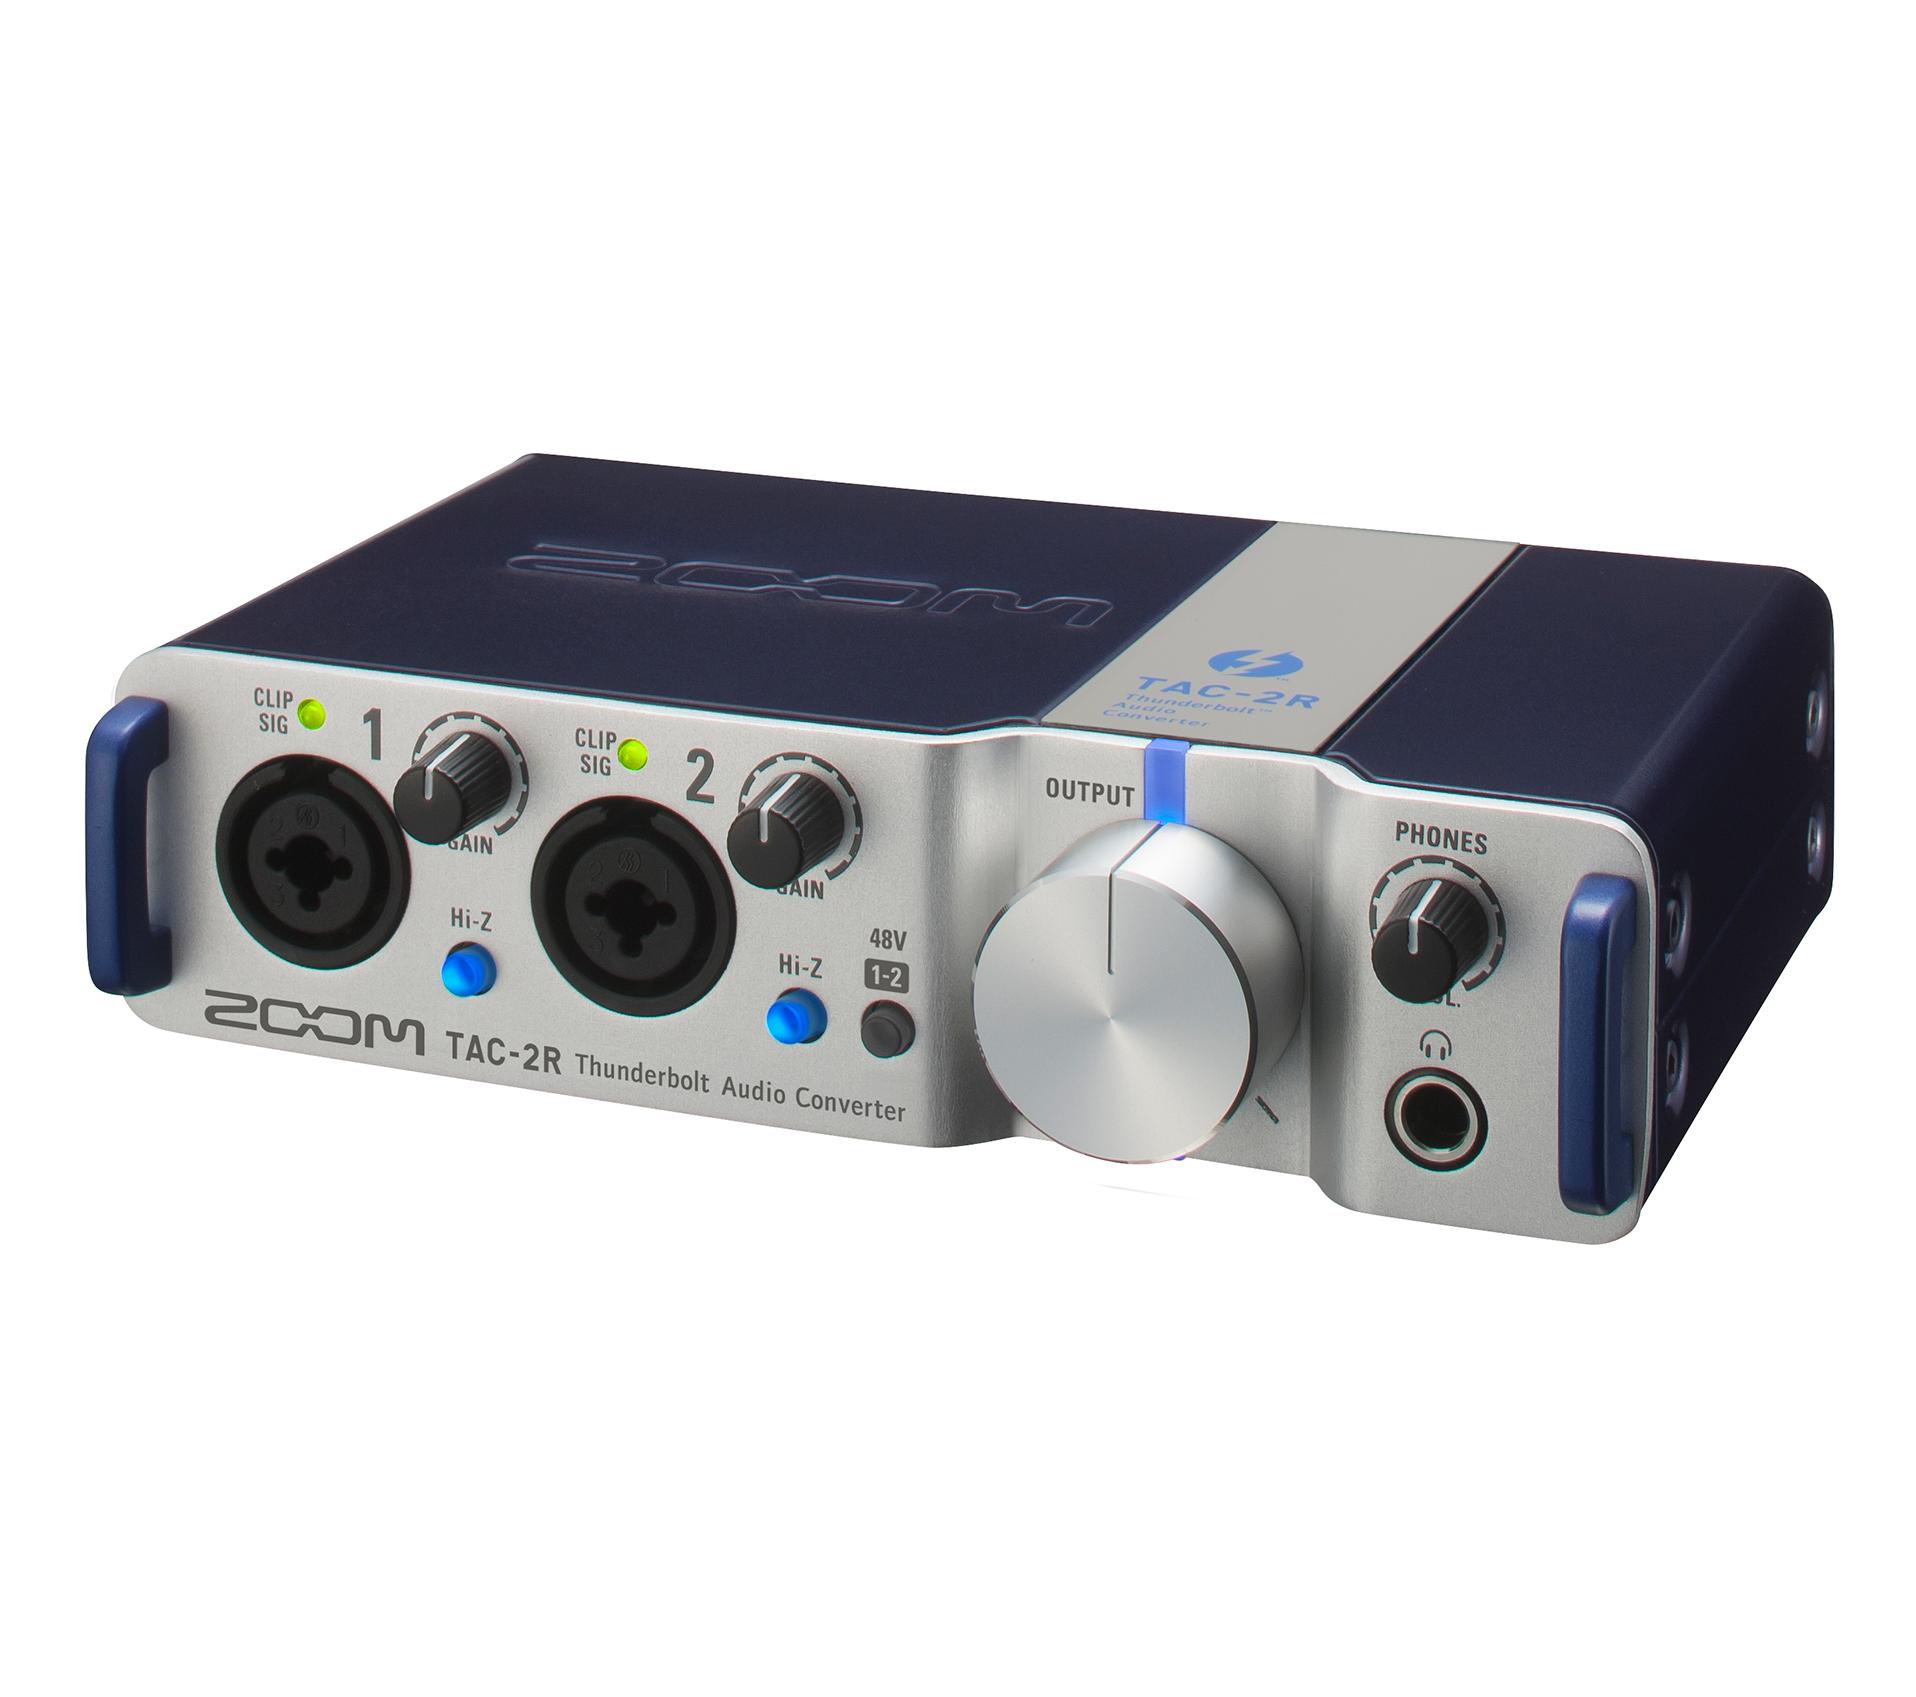 ZOOM TAC-2Rオーディオインターフェースでハイレゾ録音し、巷CDよりハイクオリティな音源を配信しよう